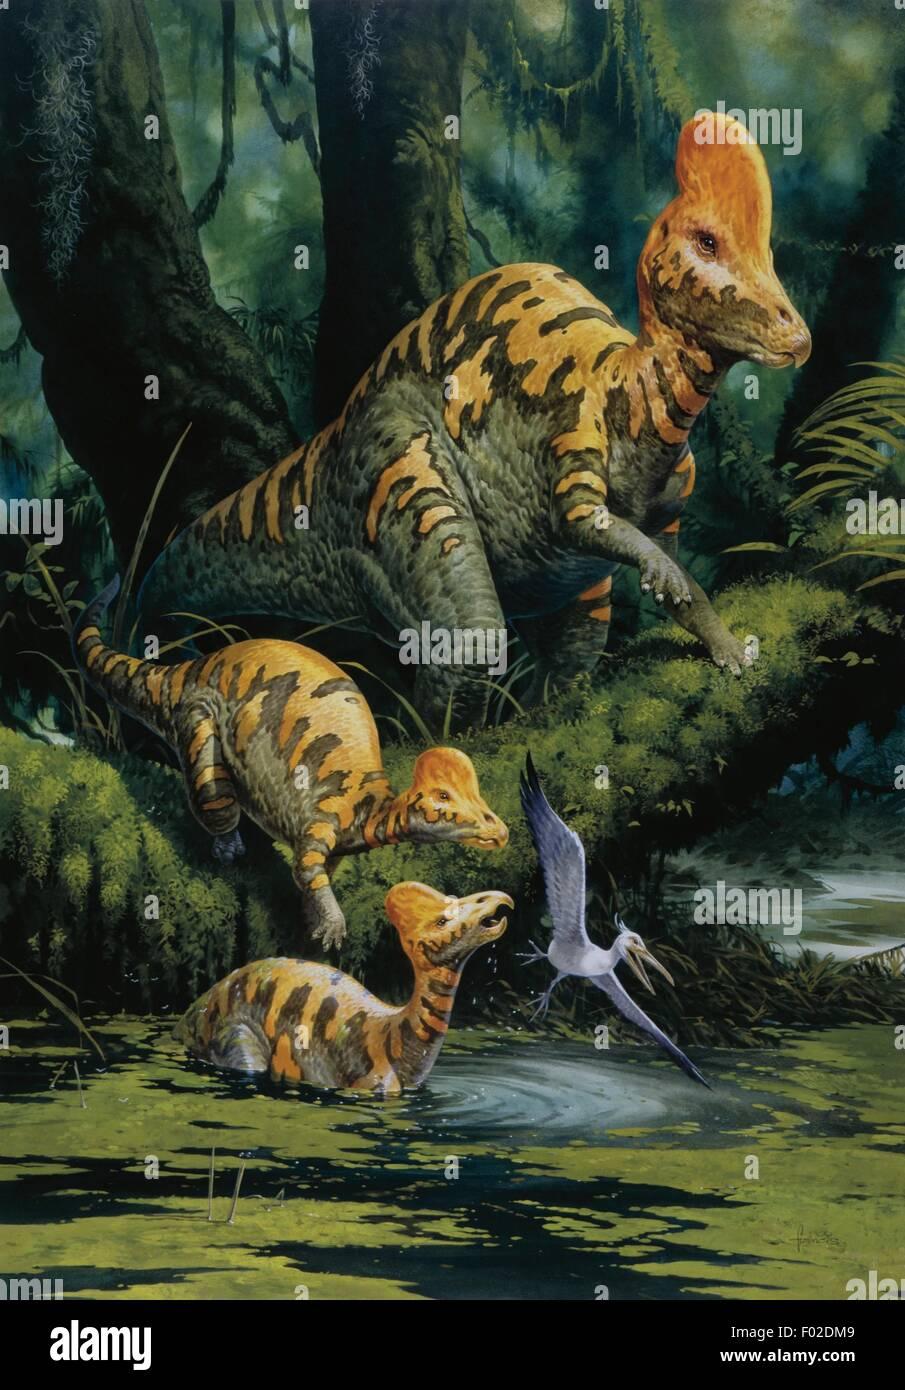 PAlaeozoology - Cretaceous period - Dinosaurs - Corythosaurus - Art work - Stock Image